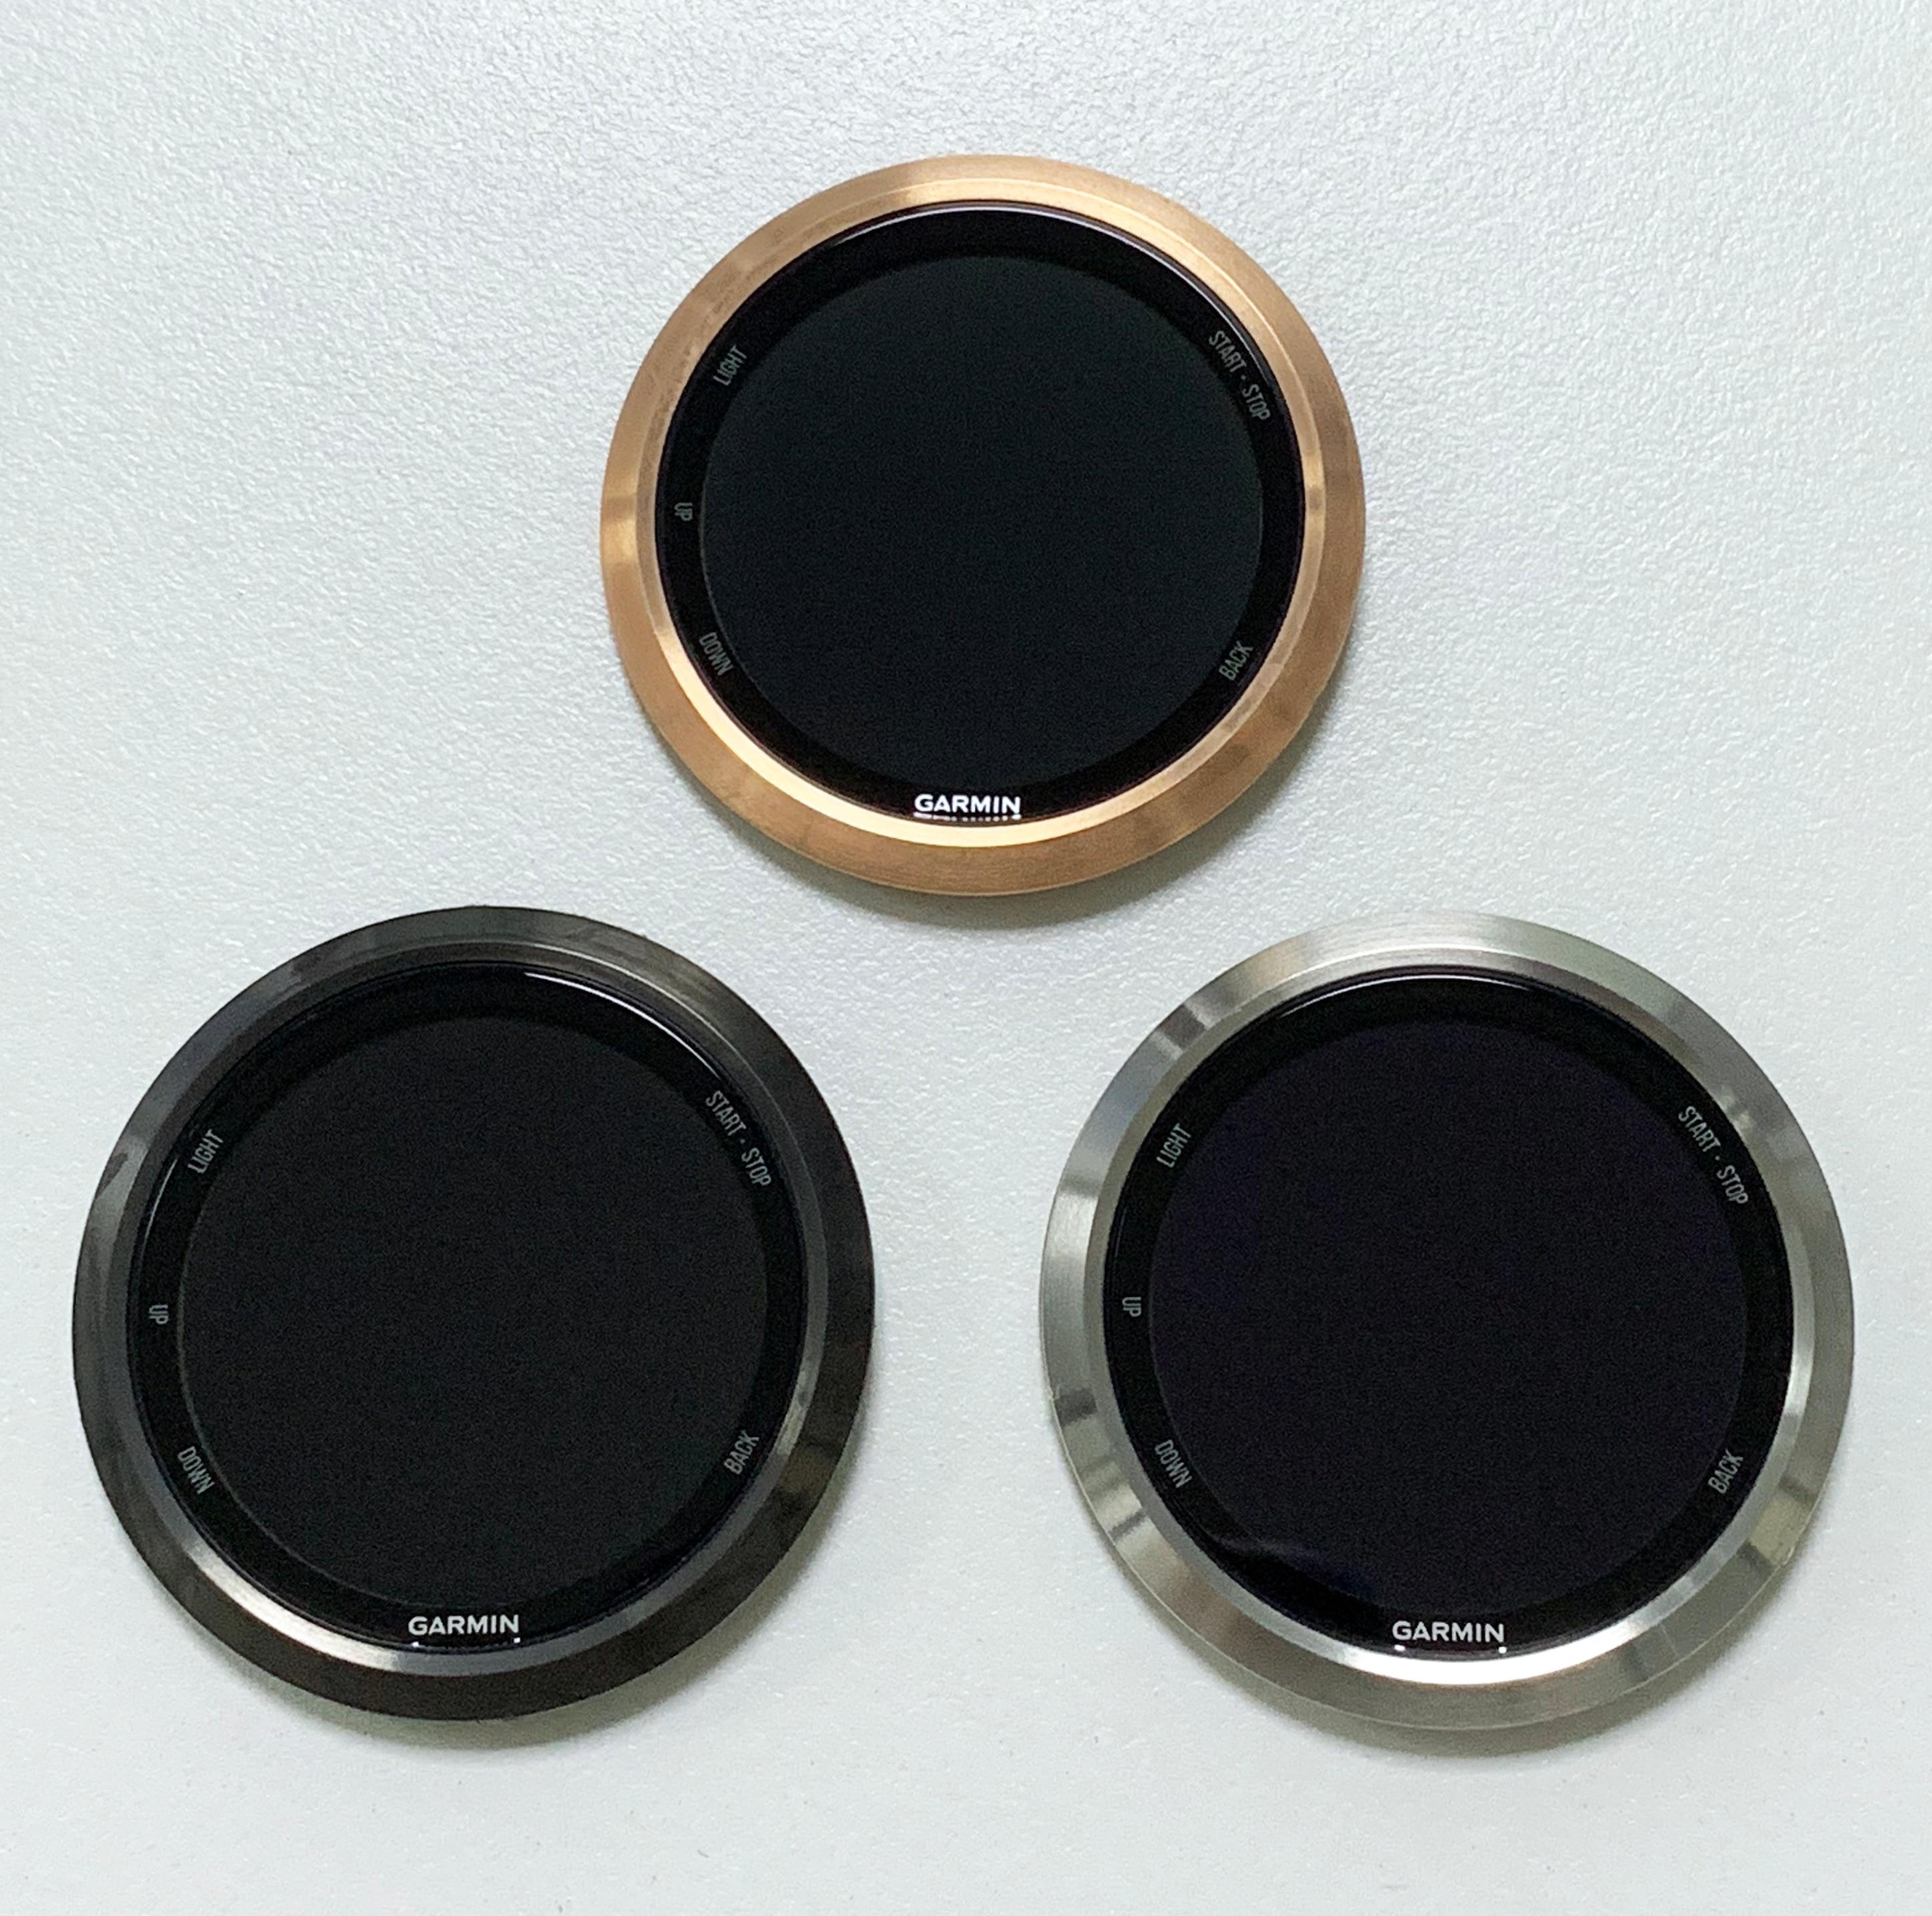 شاشة LCD الأصلية GARMIN Forerunner 645 645 متر الموسيقى أسود/فضي/ذهبي شاشة عرض لوحة مرقمة ساعة استبدال أجزاء